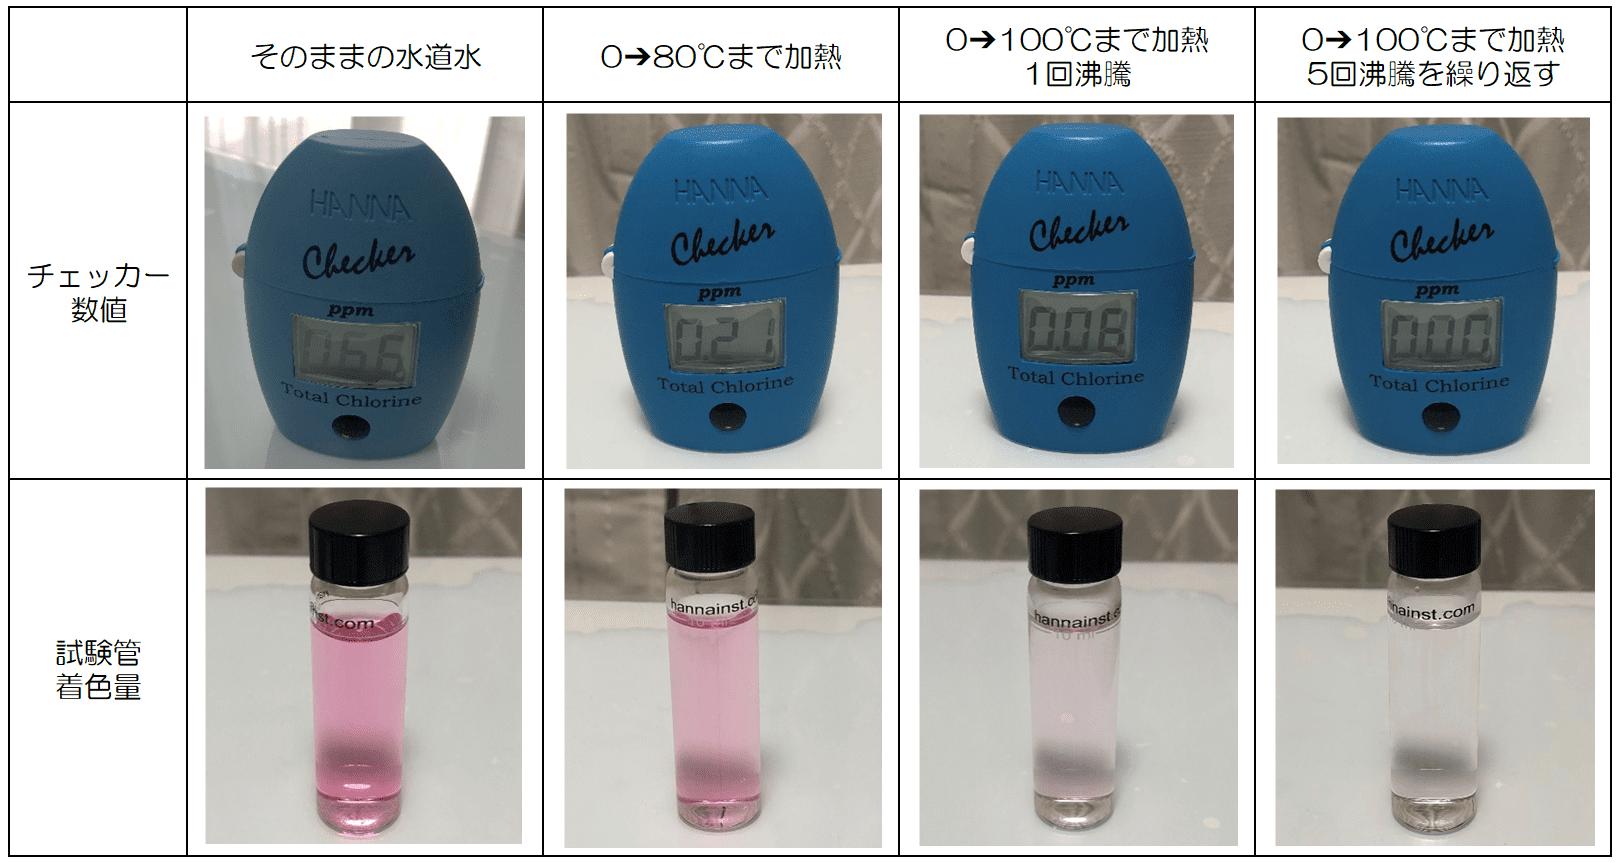 残留塩素結果が一覧表に並べられている